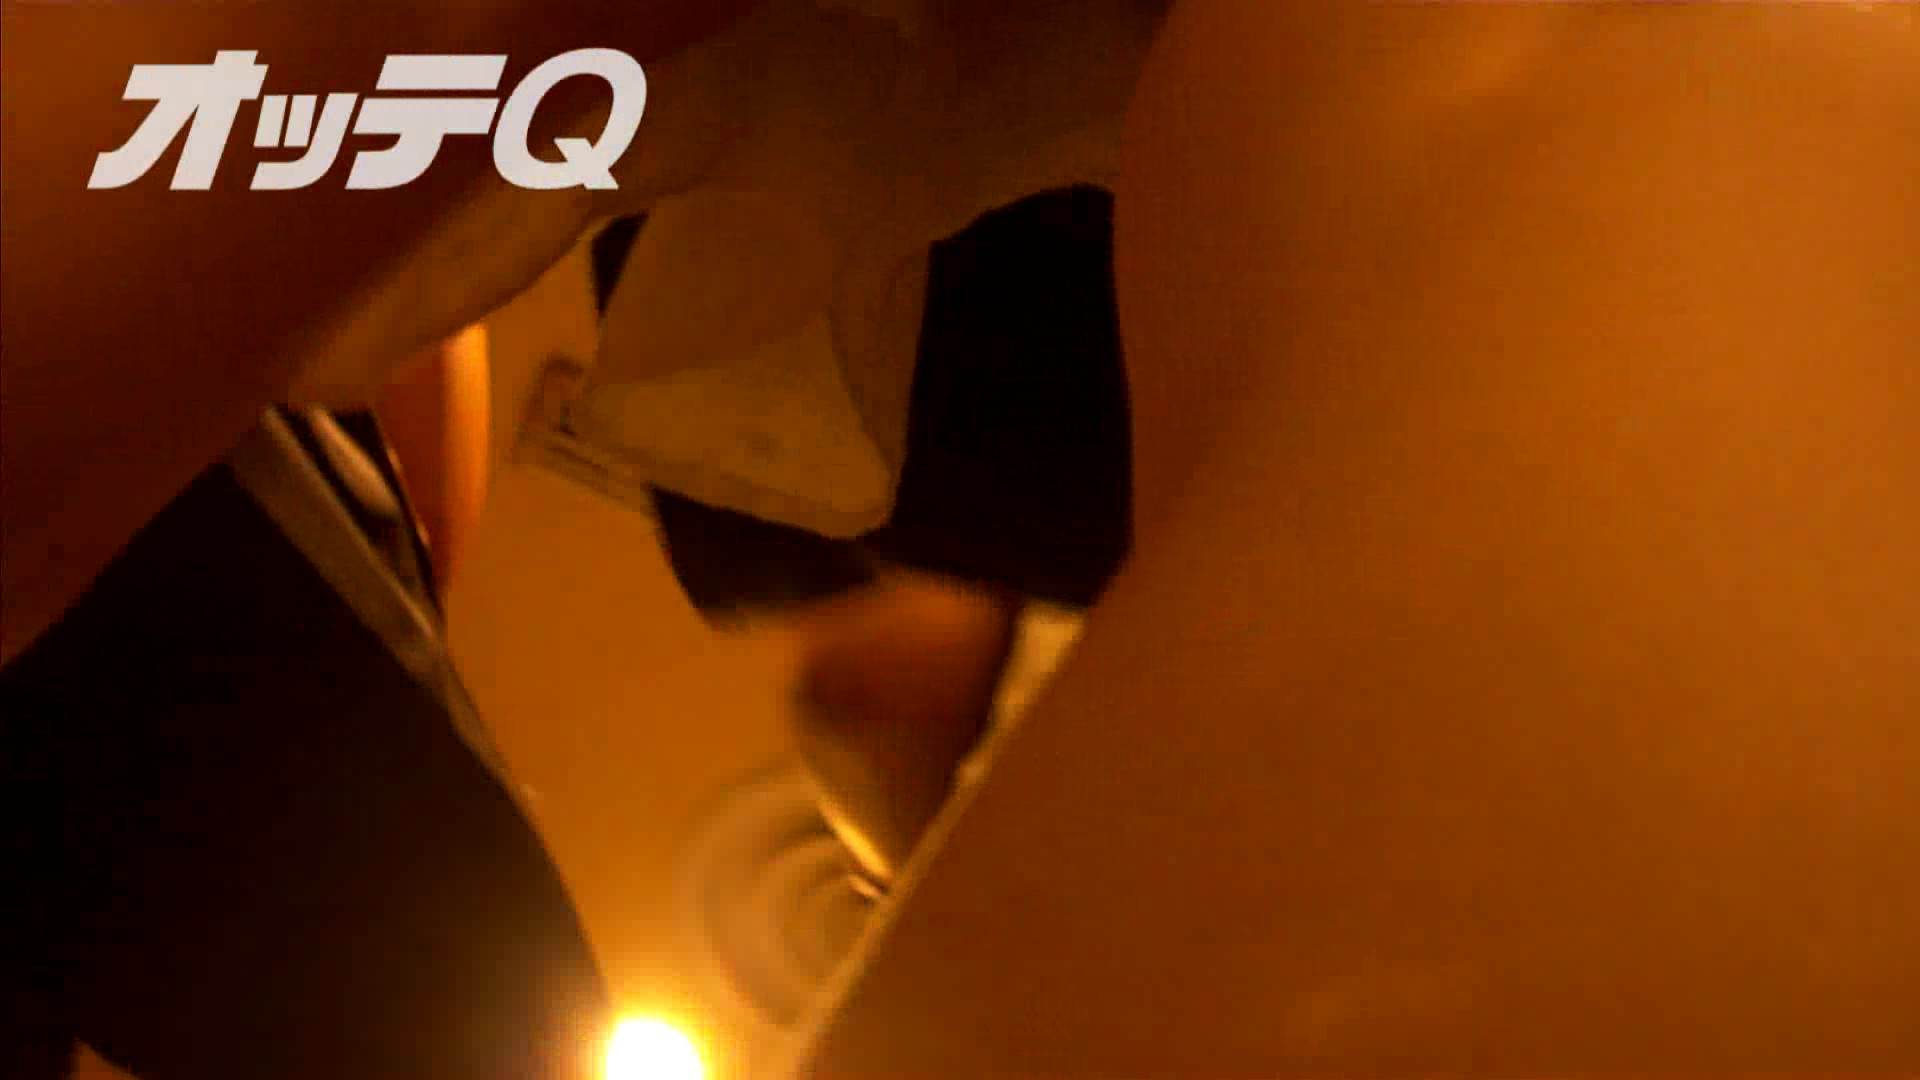 ハイビジョンパンチラ オッテQさんの追跡パンチラデパート編VOL.04 パンツ | ギャル・コレクション  42連発 16